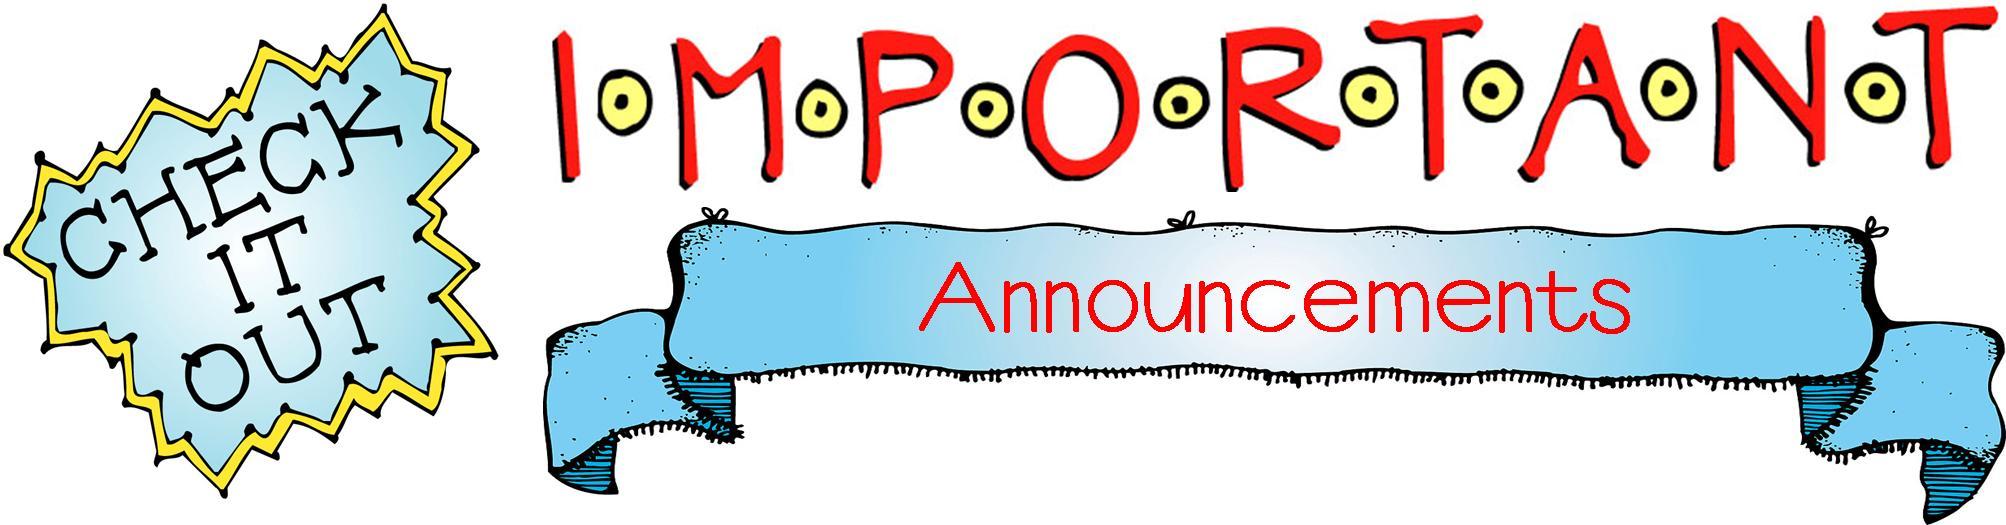 Announcements Clipart.